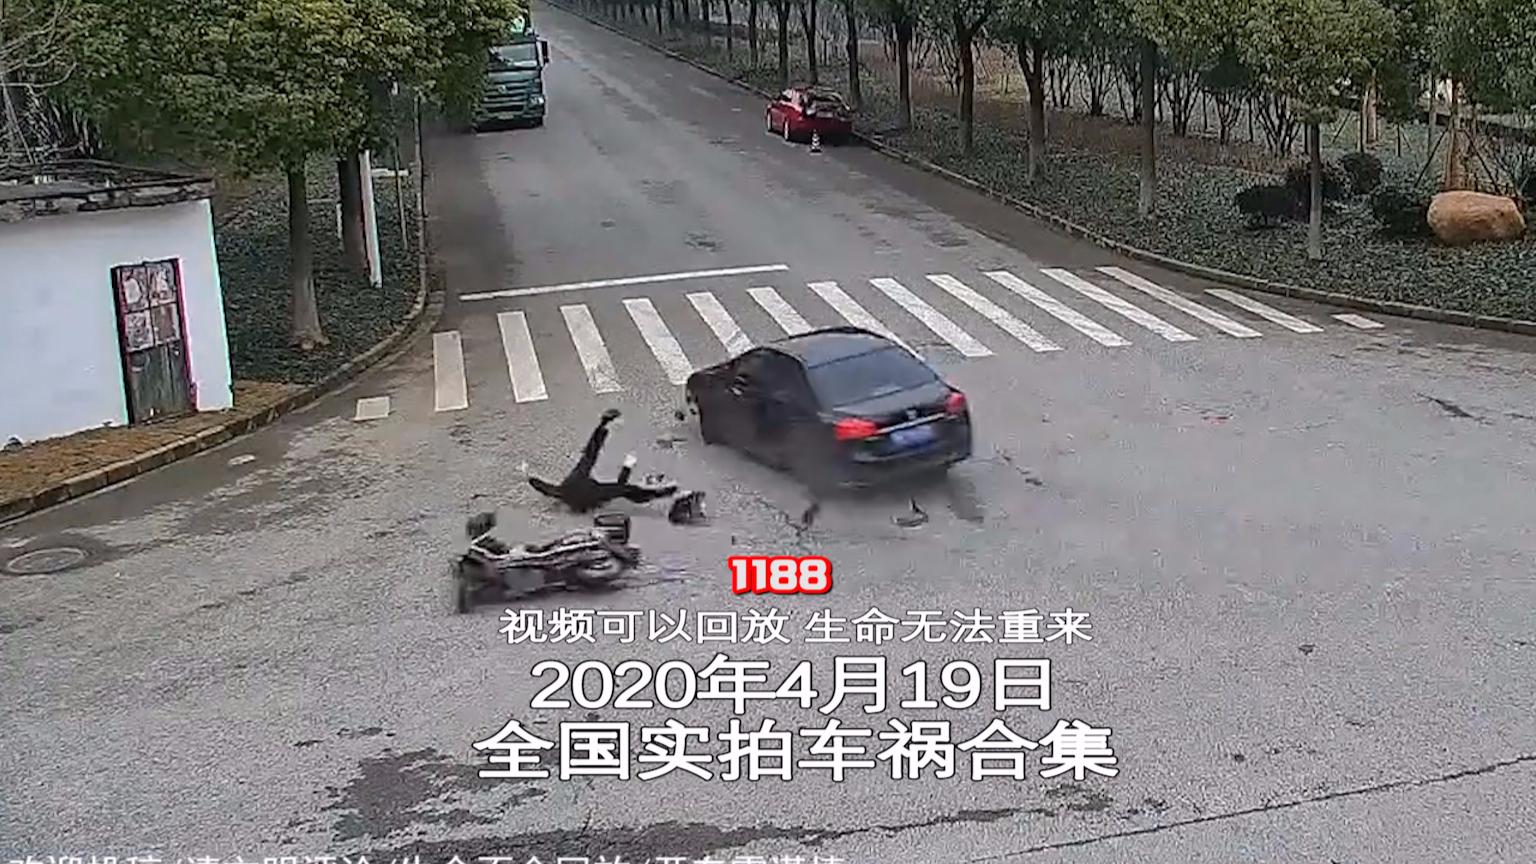 1188期:兰博基尼追尾大货车,司机表示一百万保险差不多刚好够【20200419全国车祸合集】